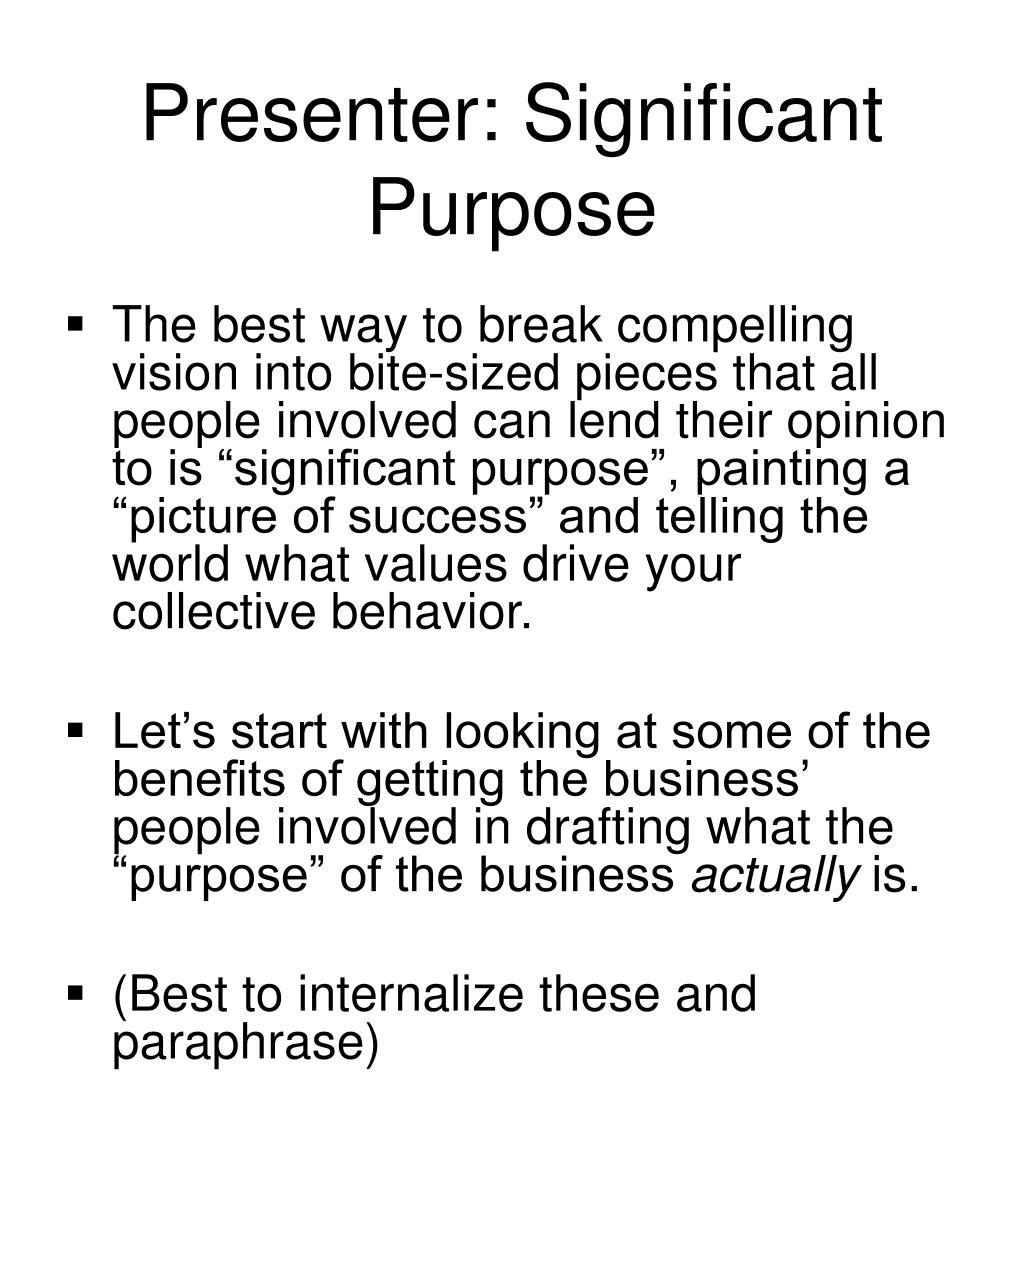 Presenter: Significant Purpose